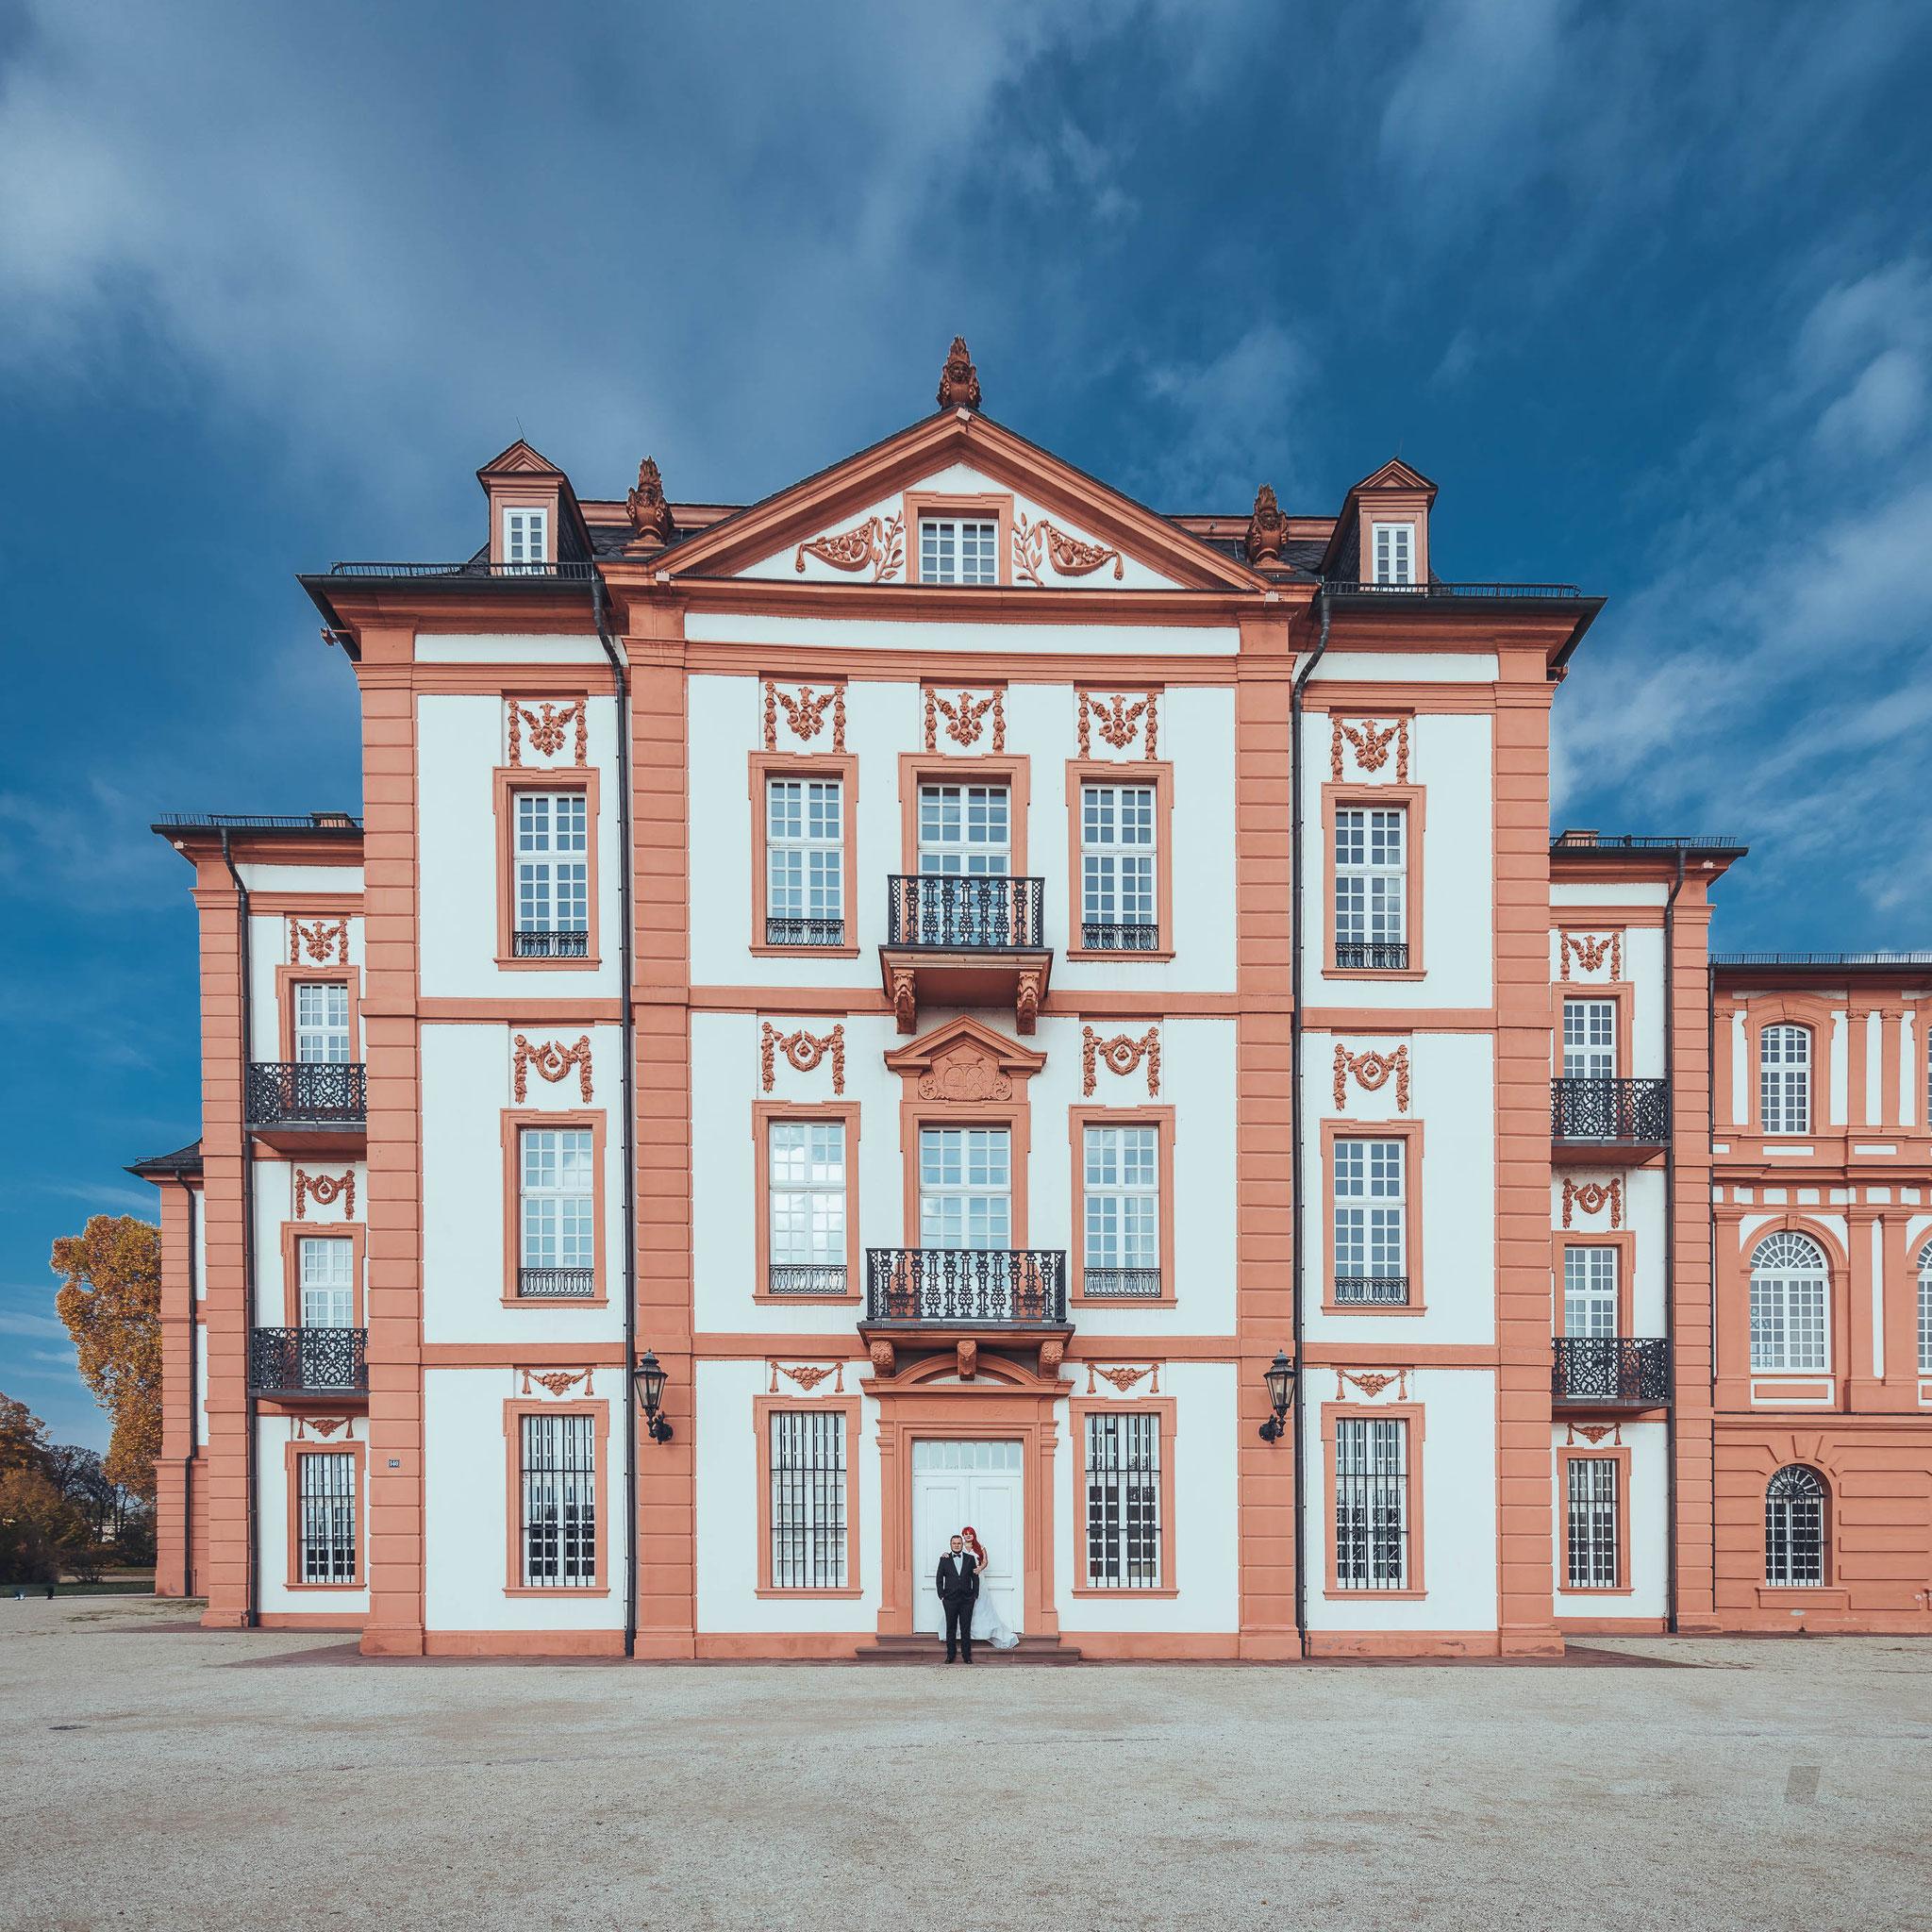 Foto und Video für internationale Hochzeit in Frankfurt, Kassel, Mannheim, Koblenz, Bad Homburg